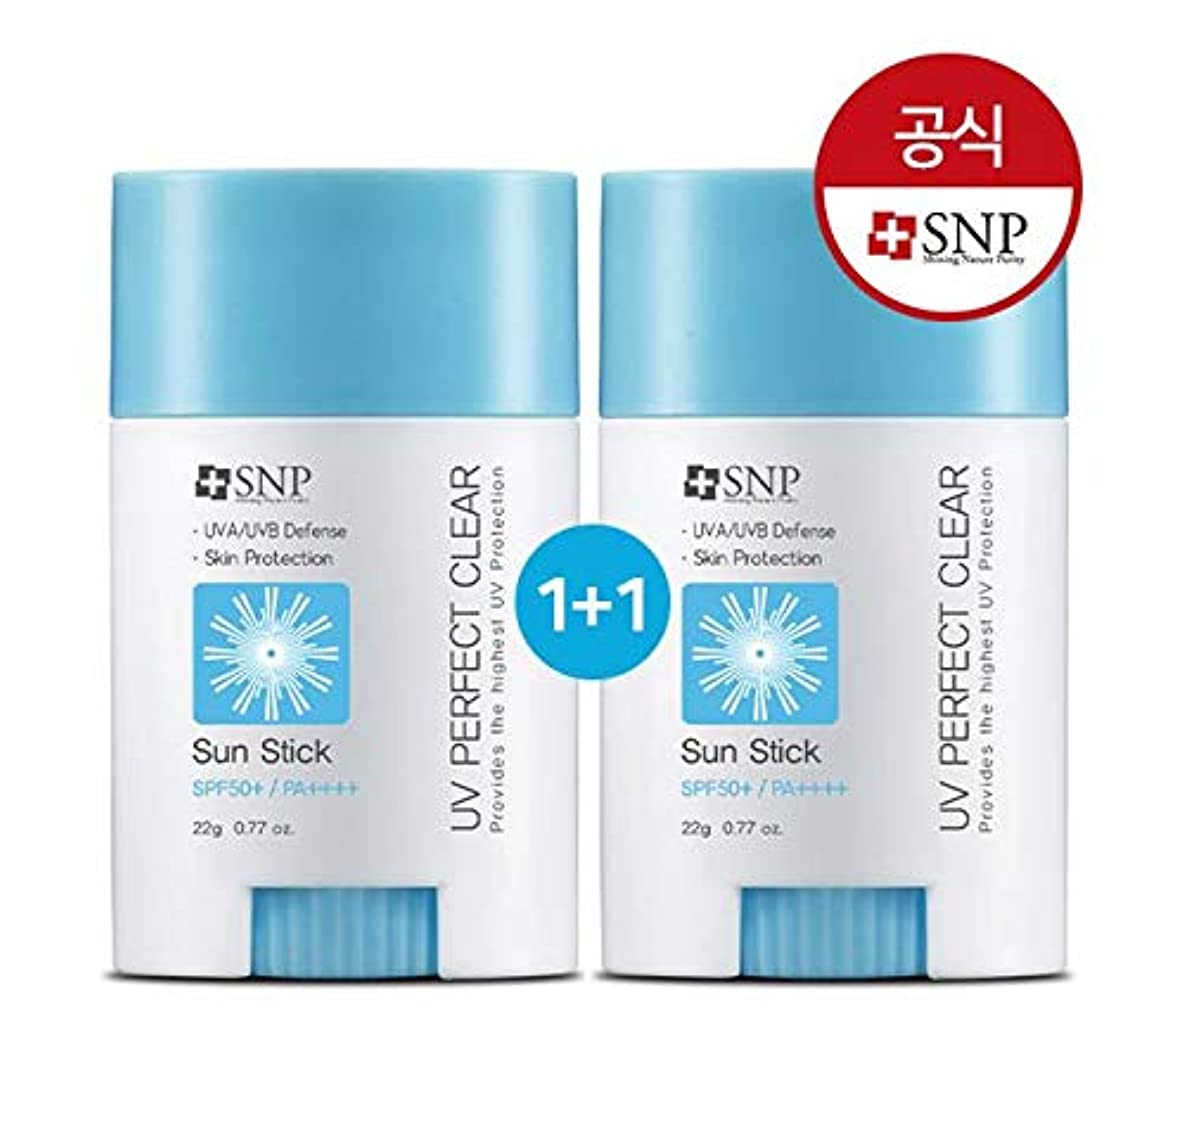 プーノ運命散文[ 1 + 1 ] エスエンピ(SNP) UV パーフェクト クリア 日焼け止めスティック22g (SPF50+ PA++++) / UV PERFECT CLEAR SUN STICK/韓国日焼け止め